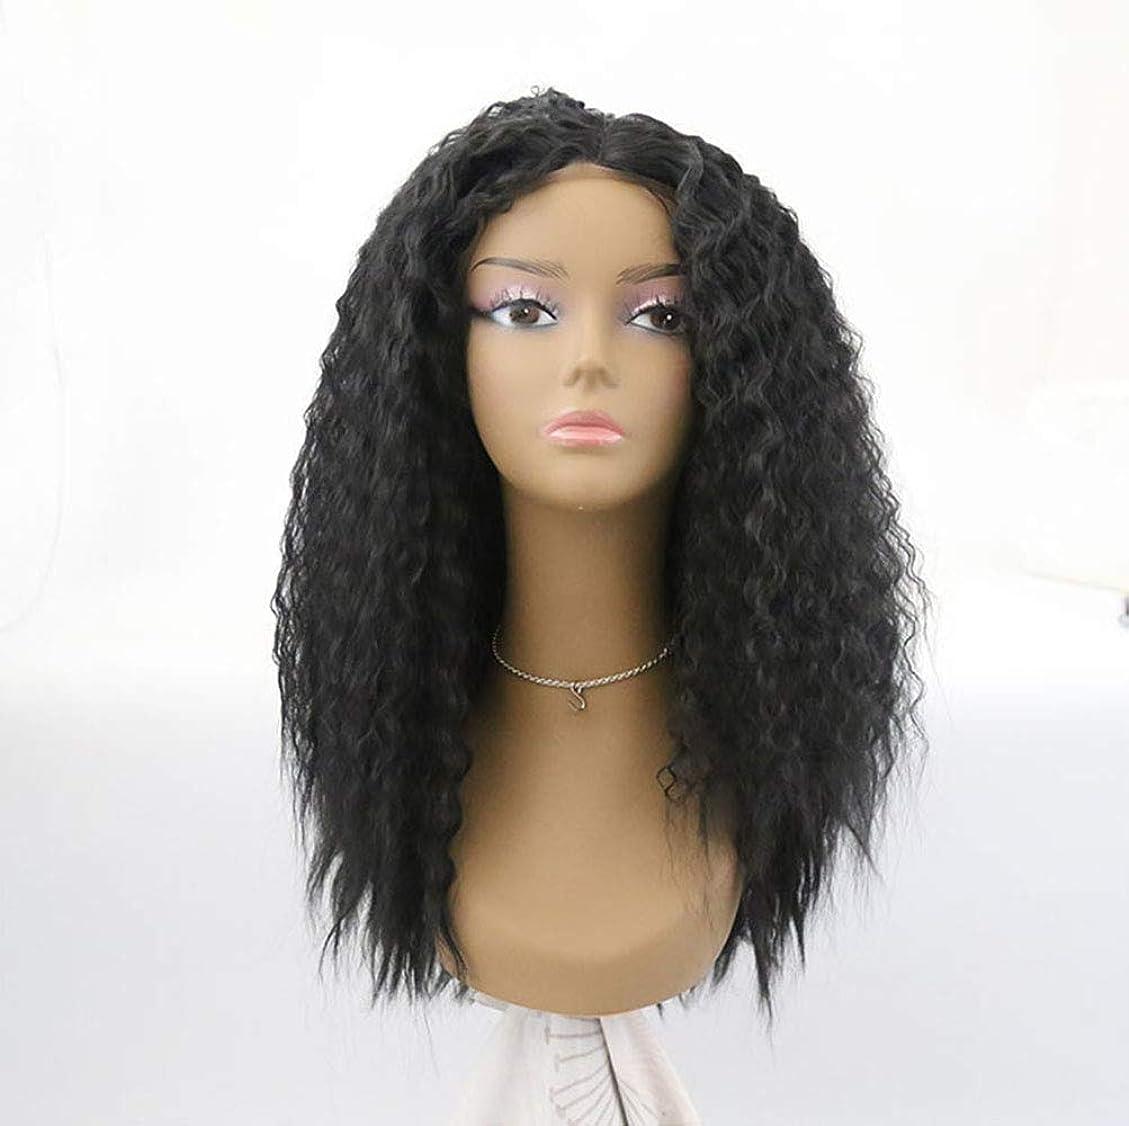 商業の好戦的な部屋を掃除する女性かつら合成ブラジルのレースフロント人間の髪の毛のかつらremy髪の前摘み取ら漂白ノット